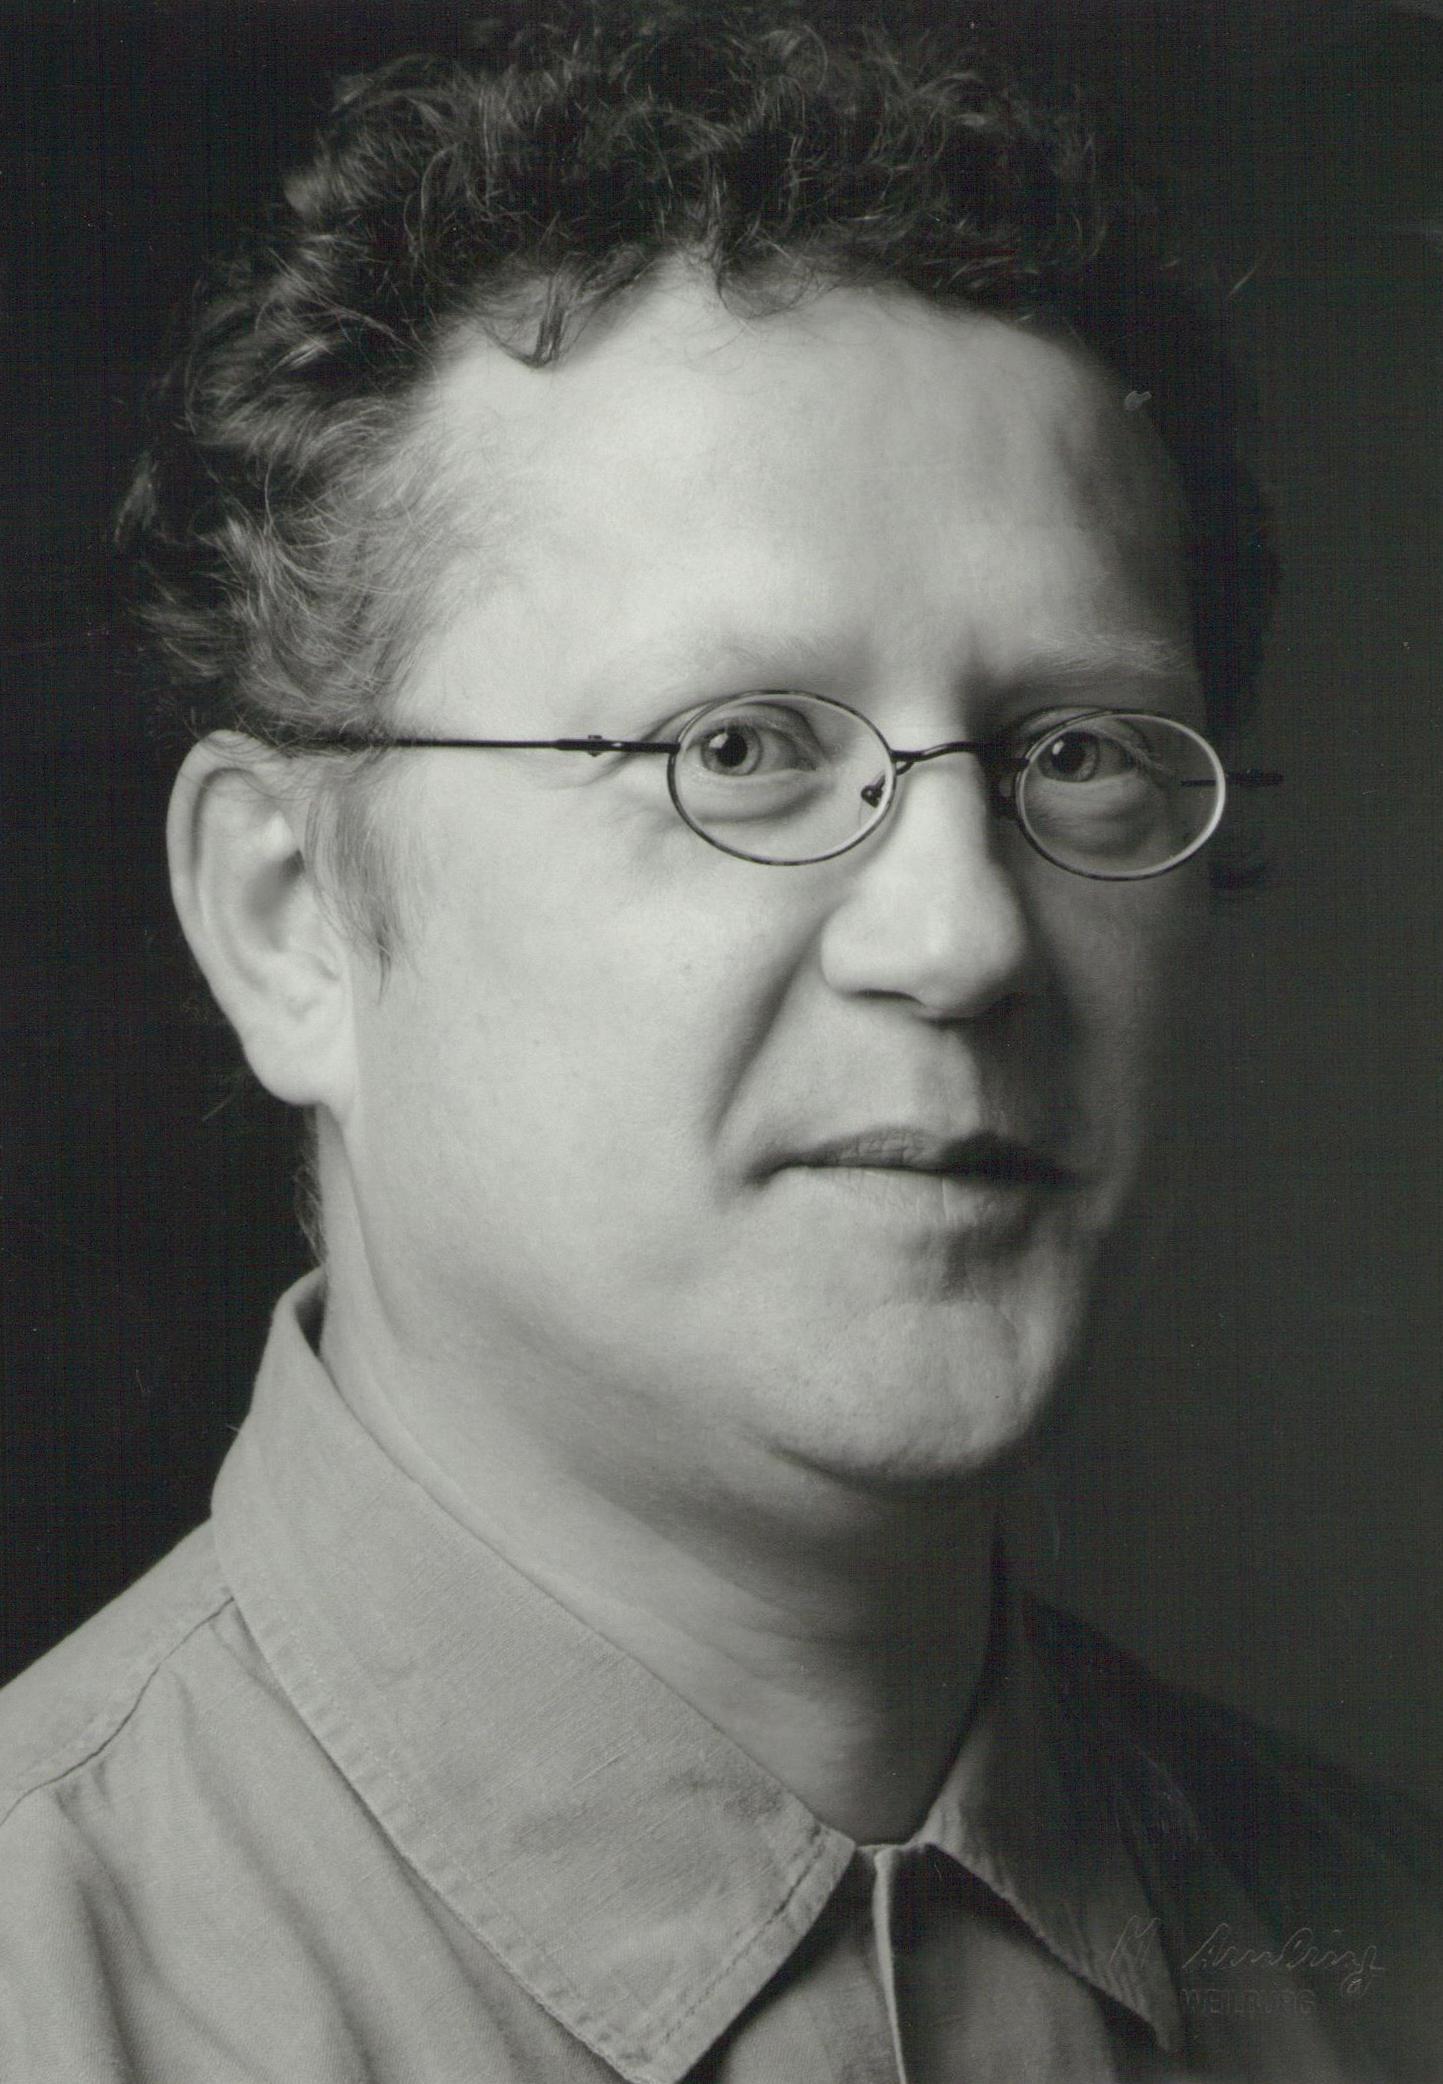 Jacob Winter